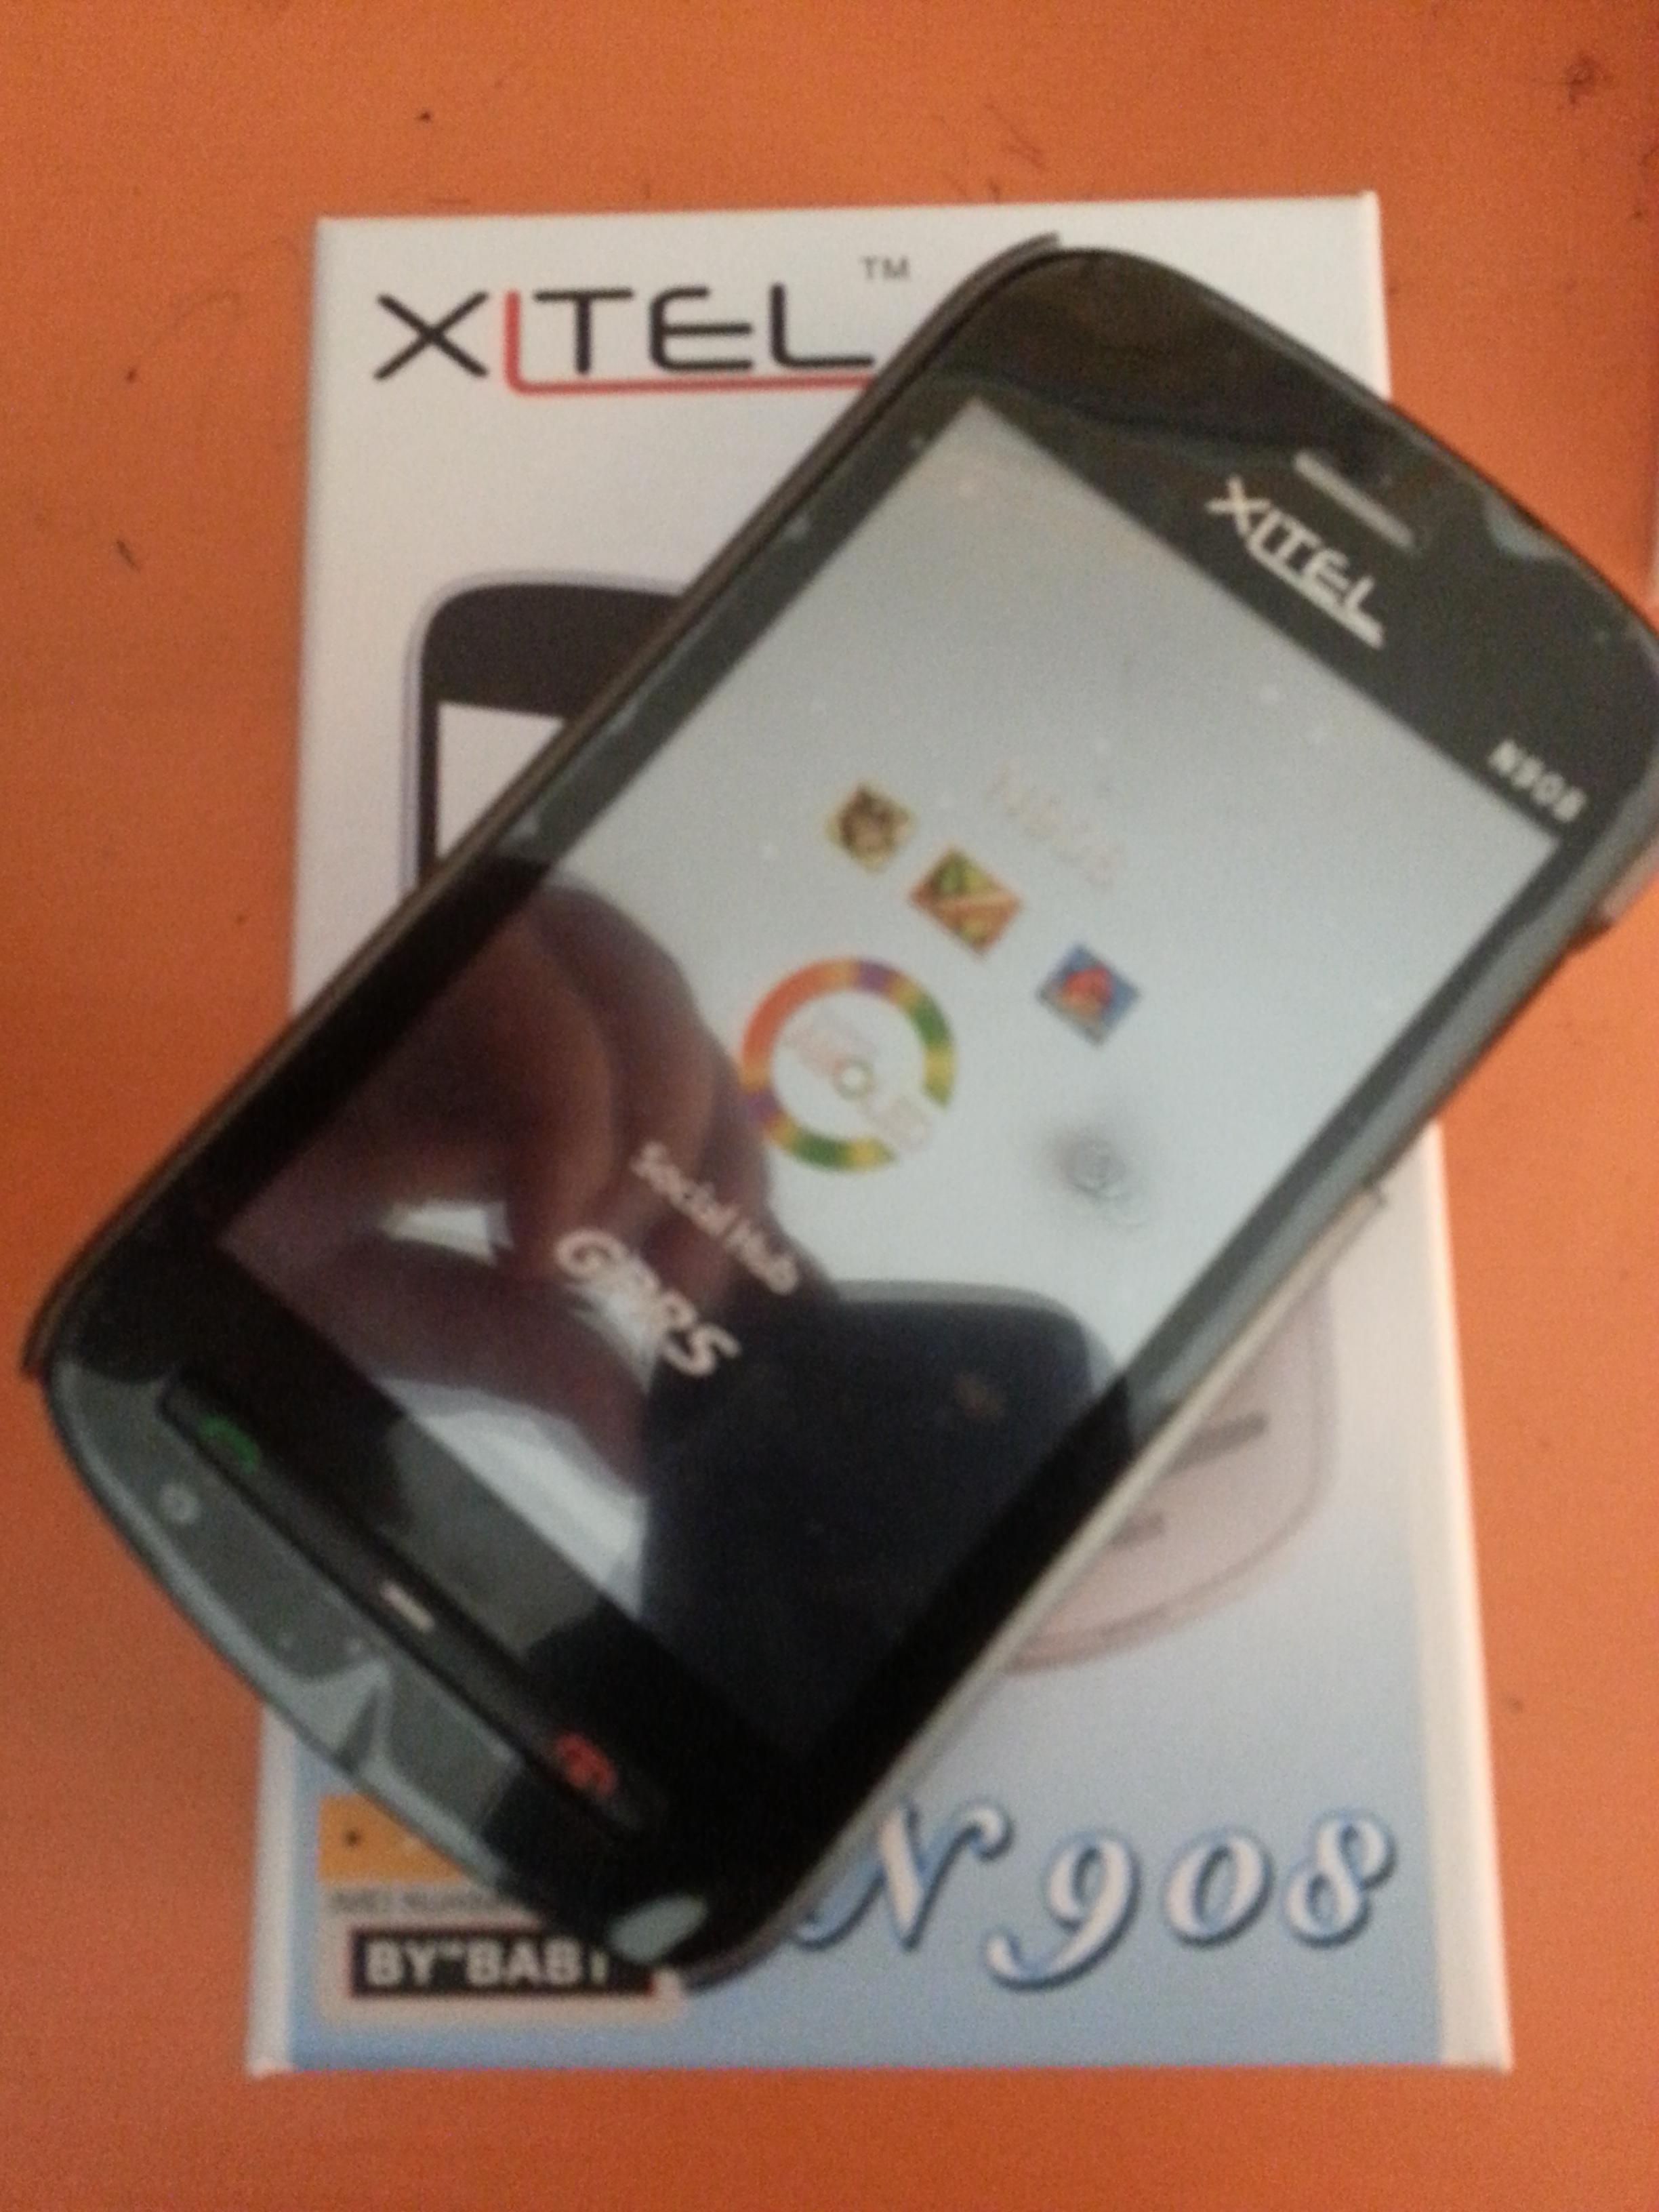 xltel i9108 games